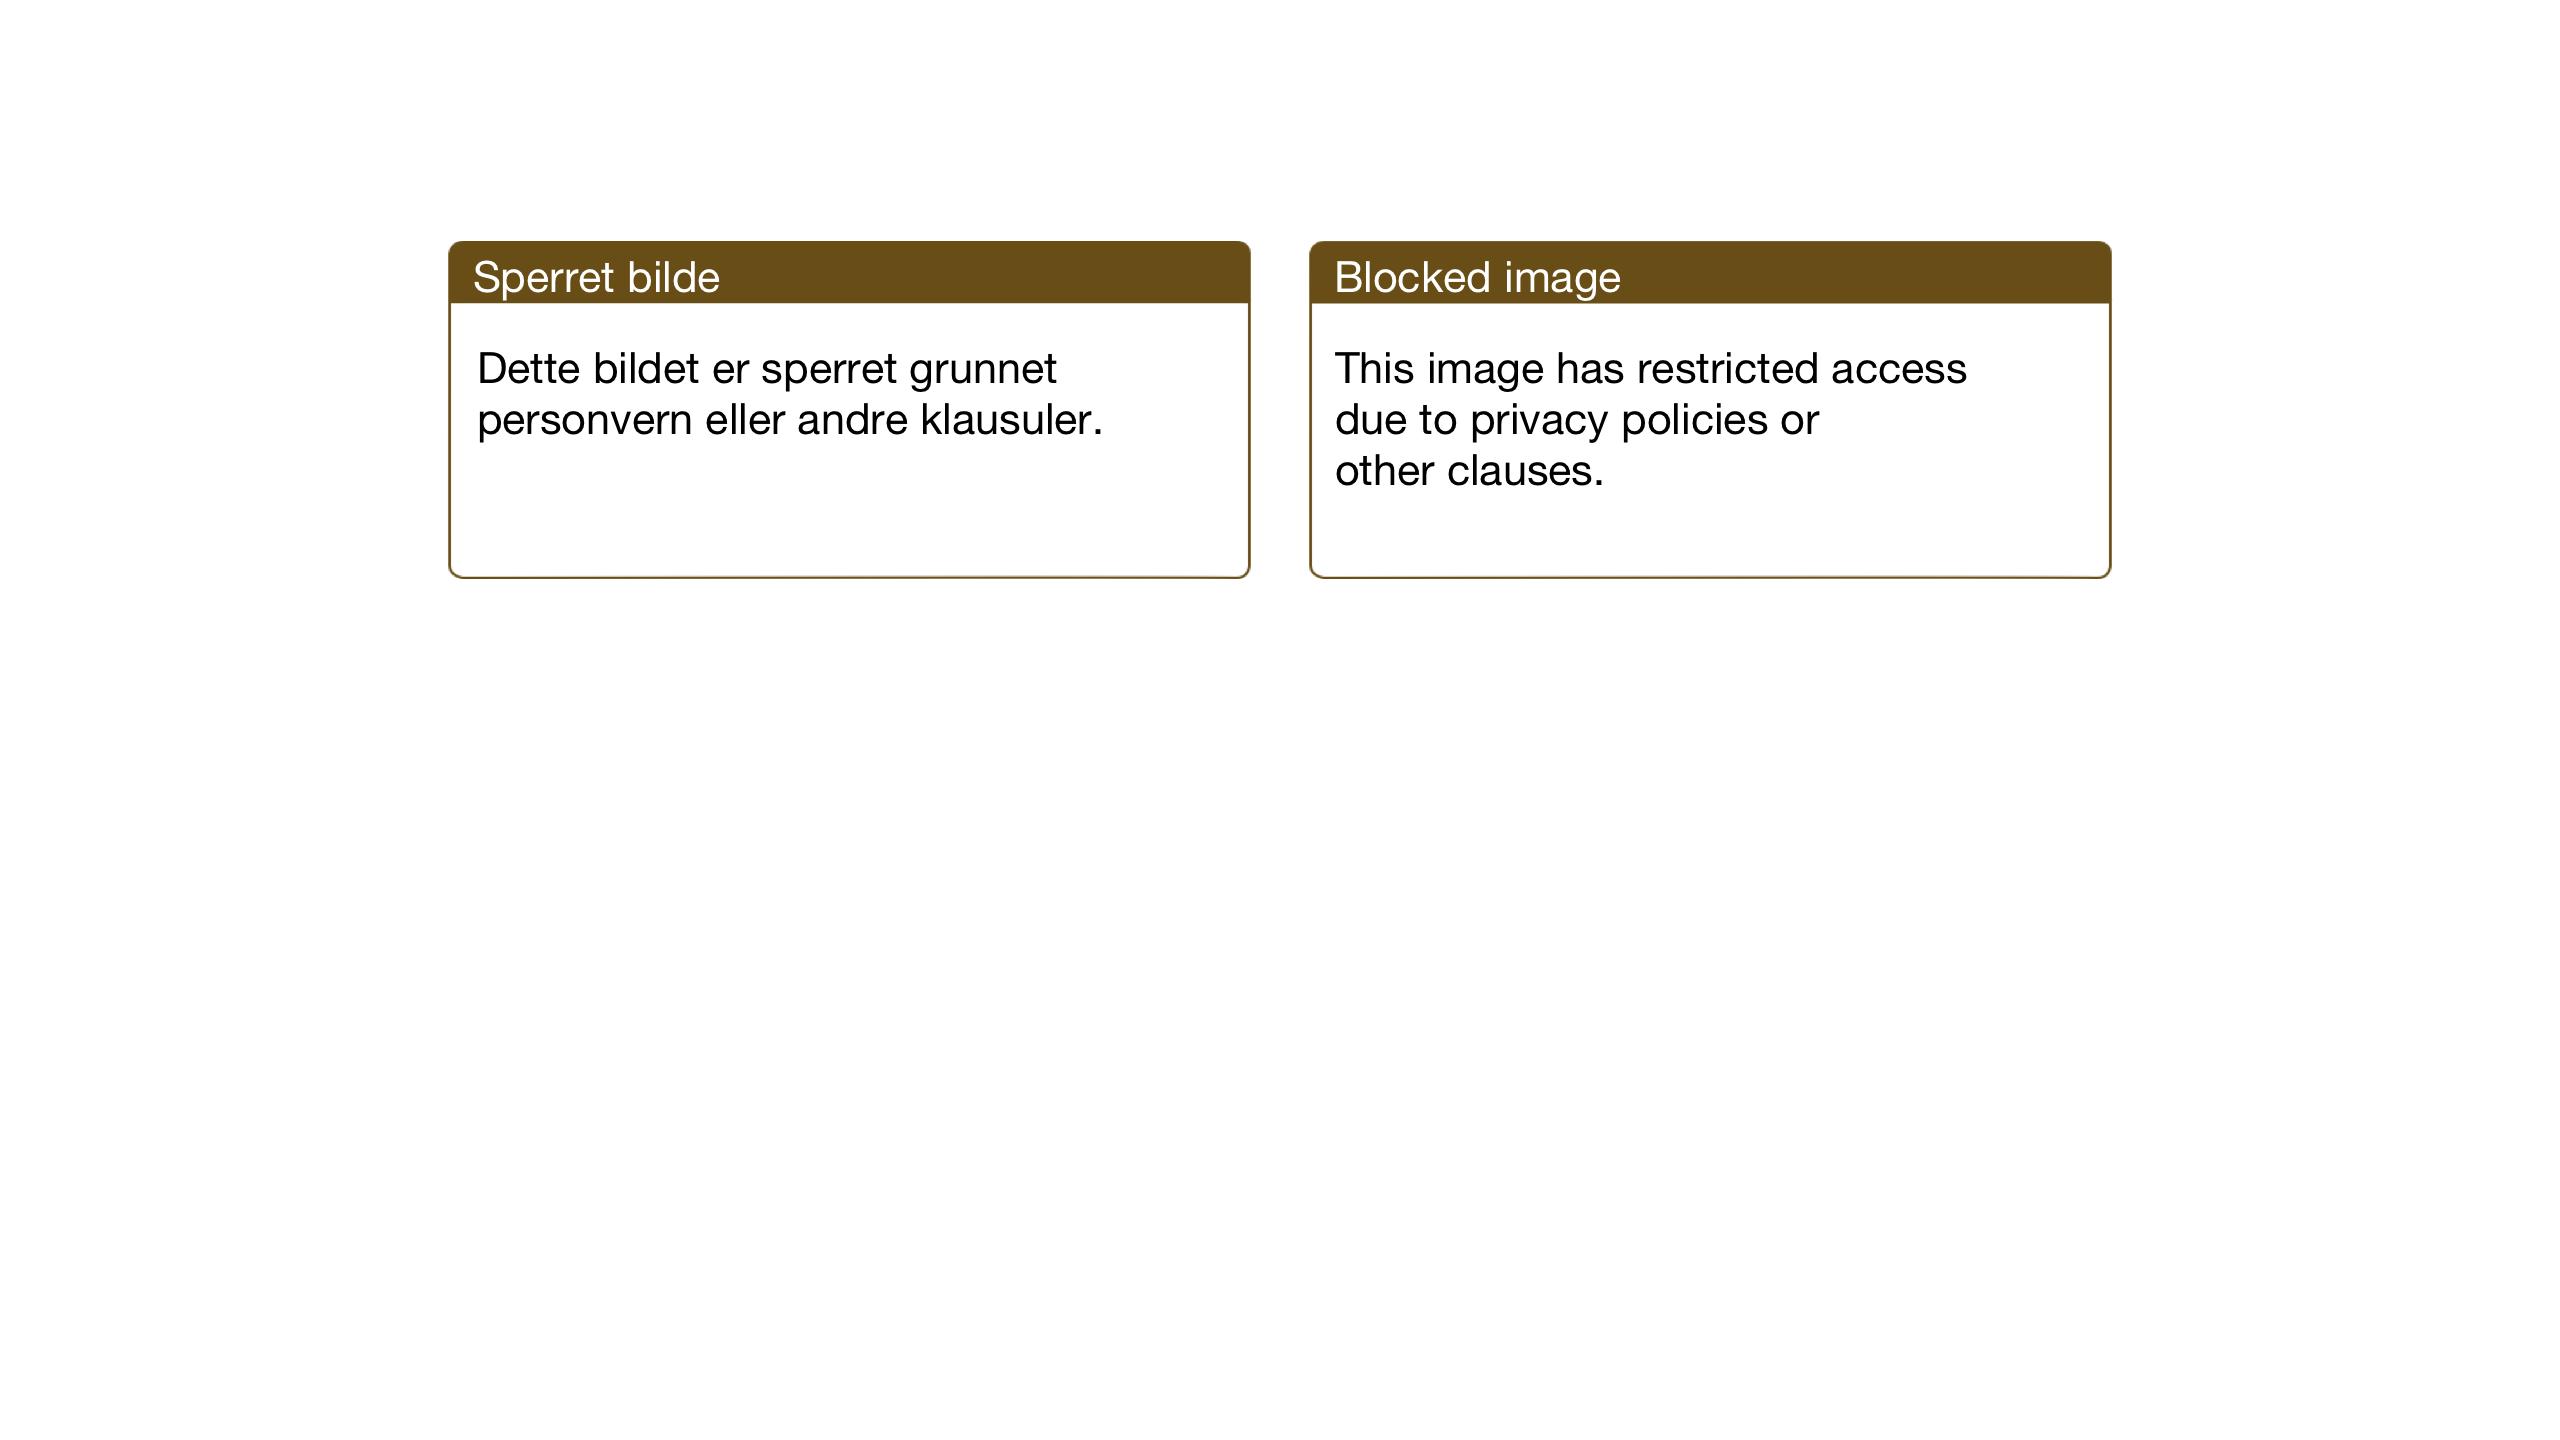 SAT, Ministerialprotokoller, klokkerbøker og fødselsregistre - Nord-Trøndelag, 722/L0227: Klokkerbok nr. 722C03, 1928-1958, s. 62